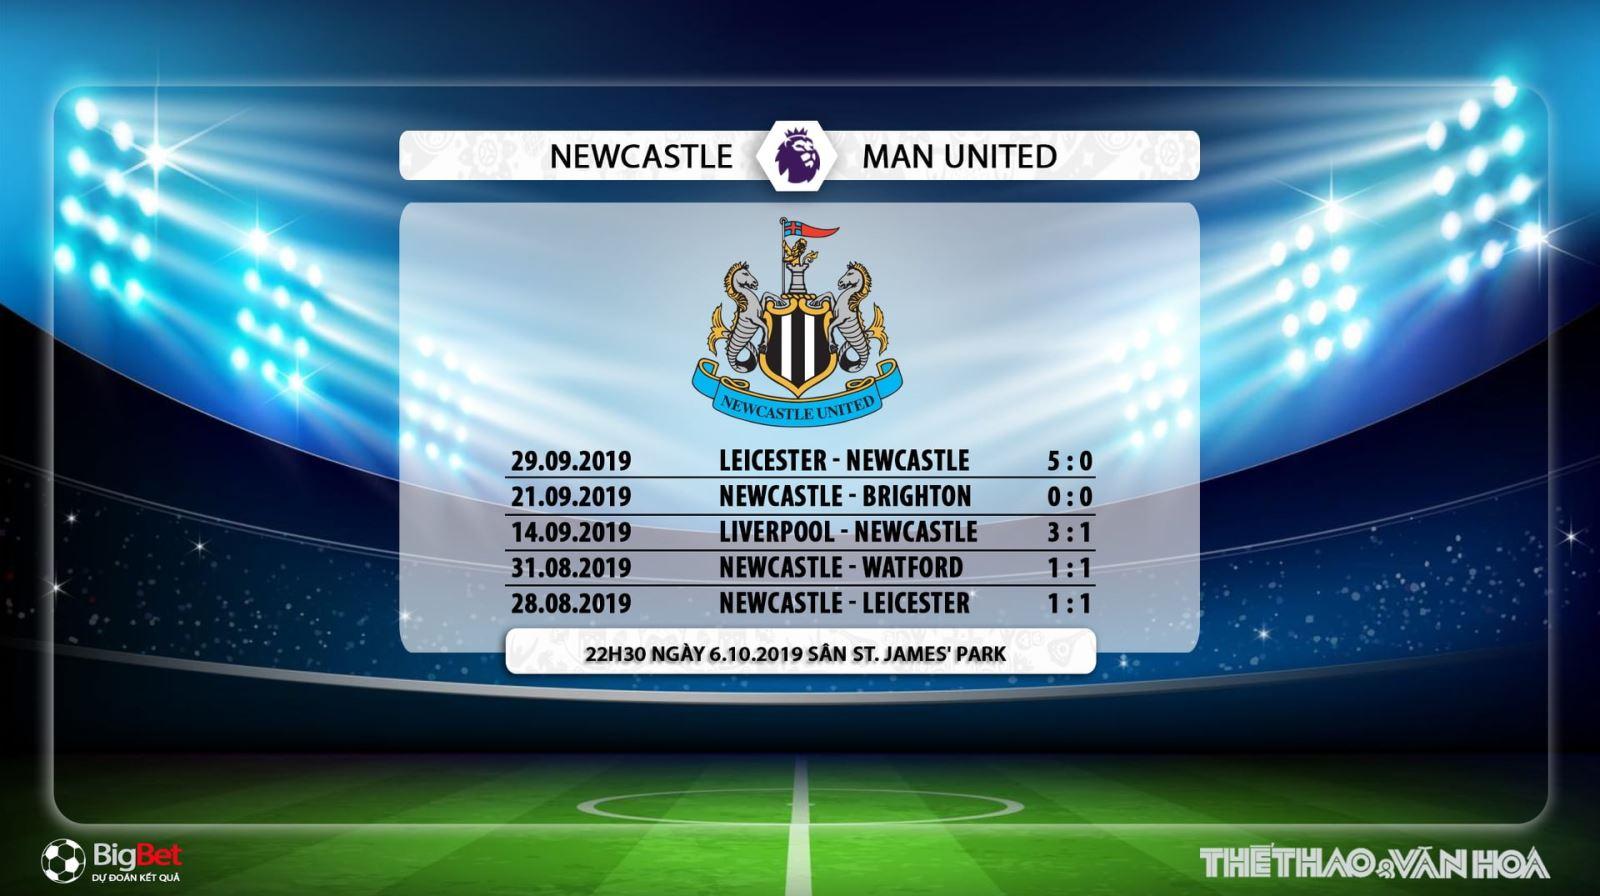 soi kèo bóng đá, Newcastle đấu với MU, truc tiep bong da hôm nay, Newcastle vs MU, trực tiếp bóng đá, K+, K+PM, K+PC, xem bóng đá trực tuyến, MU